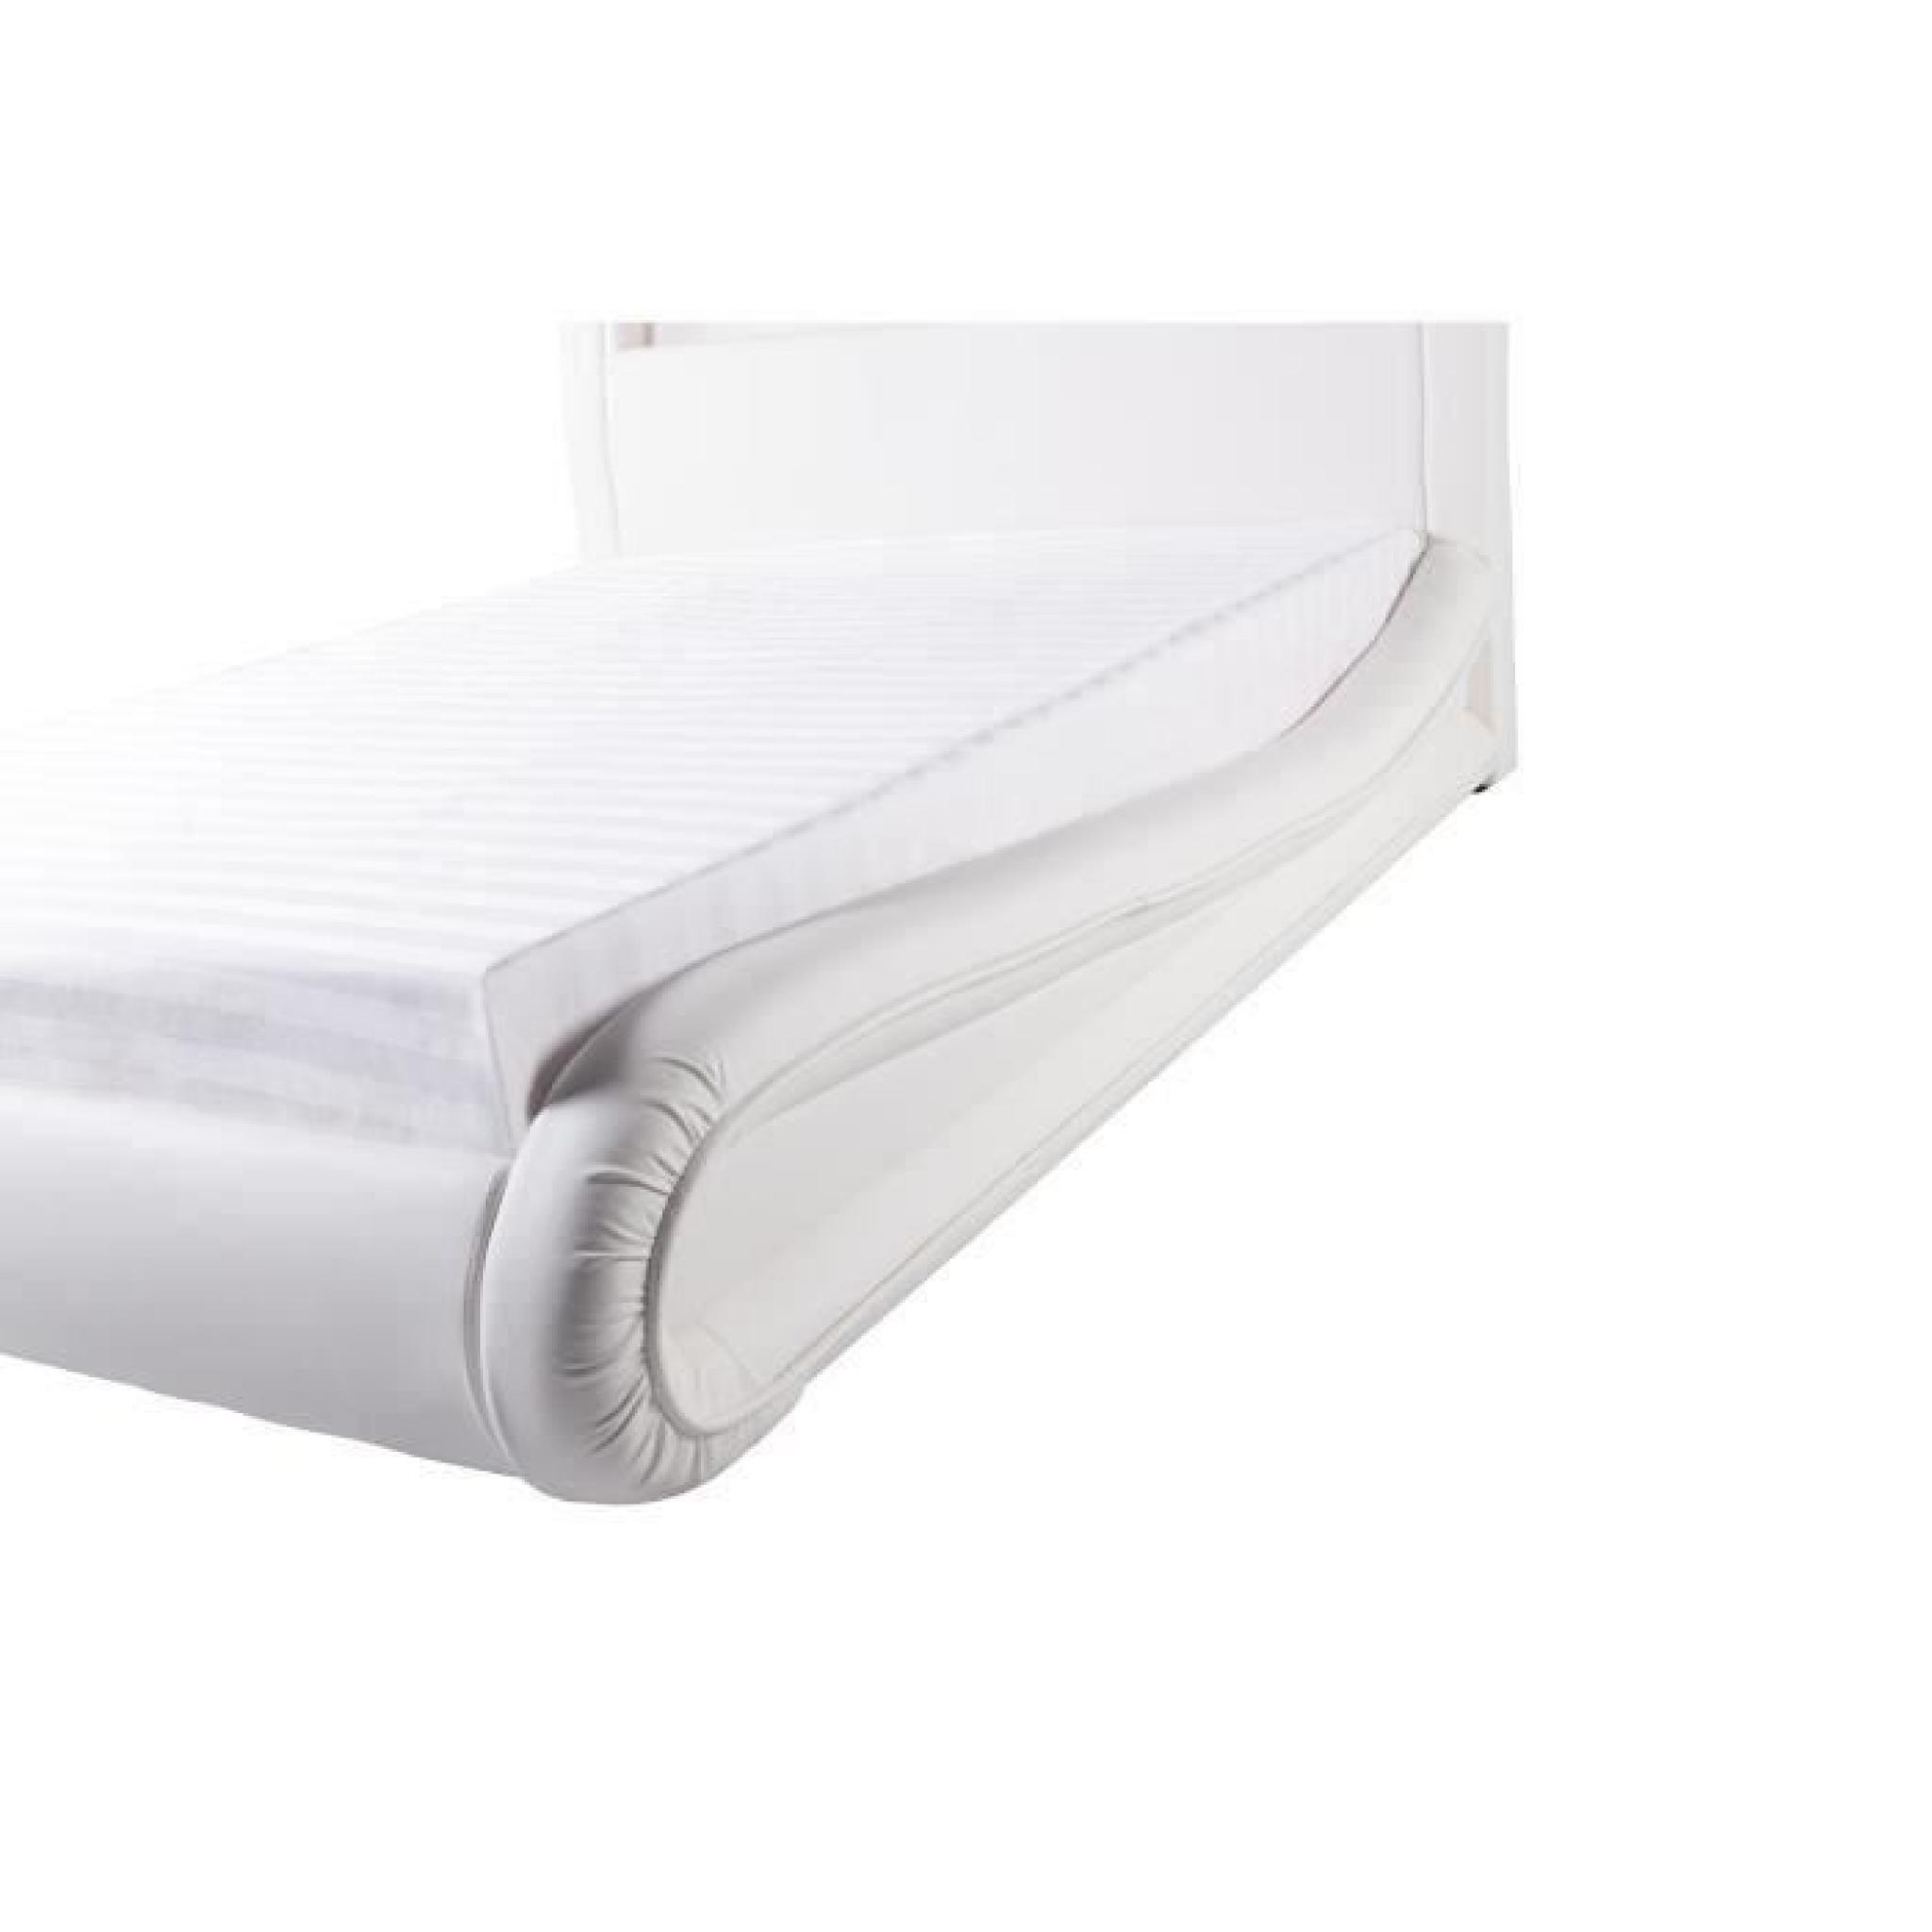 NEPTUNE Lit LED Adulte X Cm Blanc AchatVente Lit Pas Cher - Lit adulte 180x200